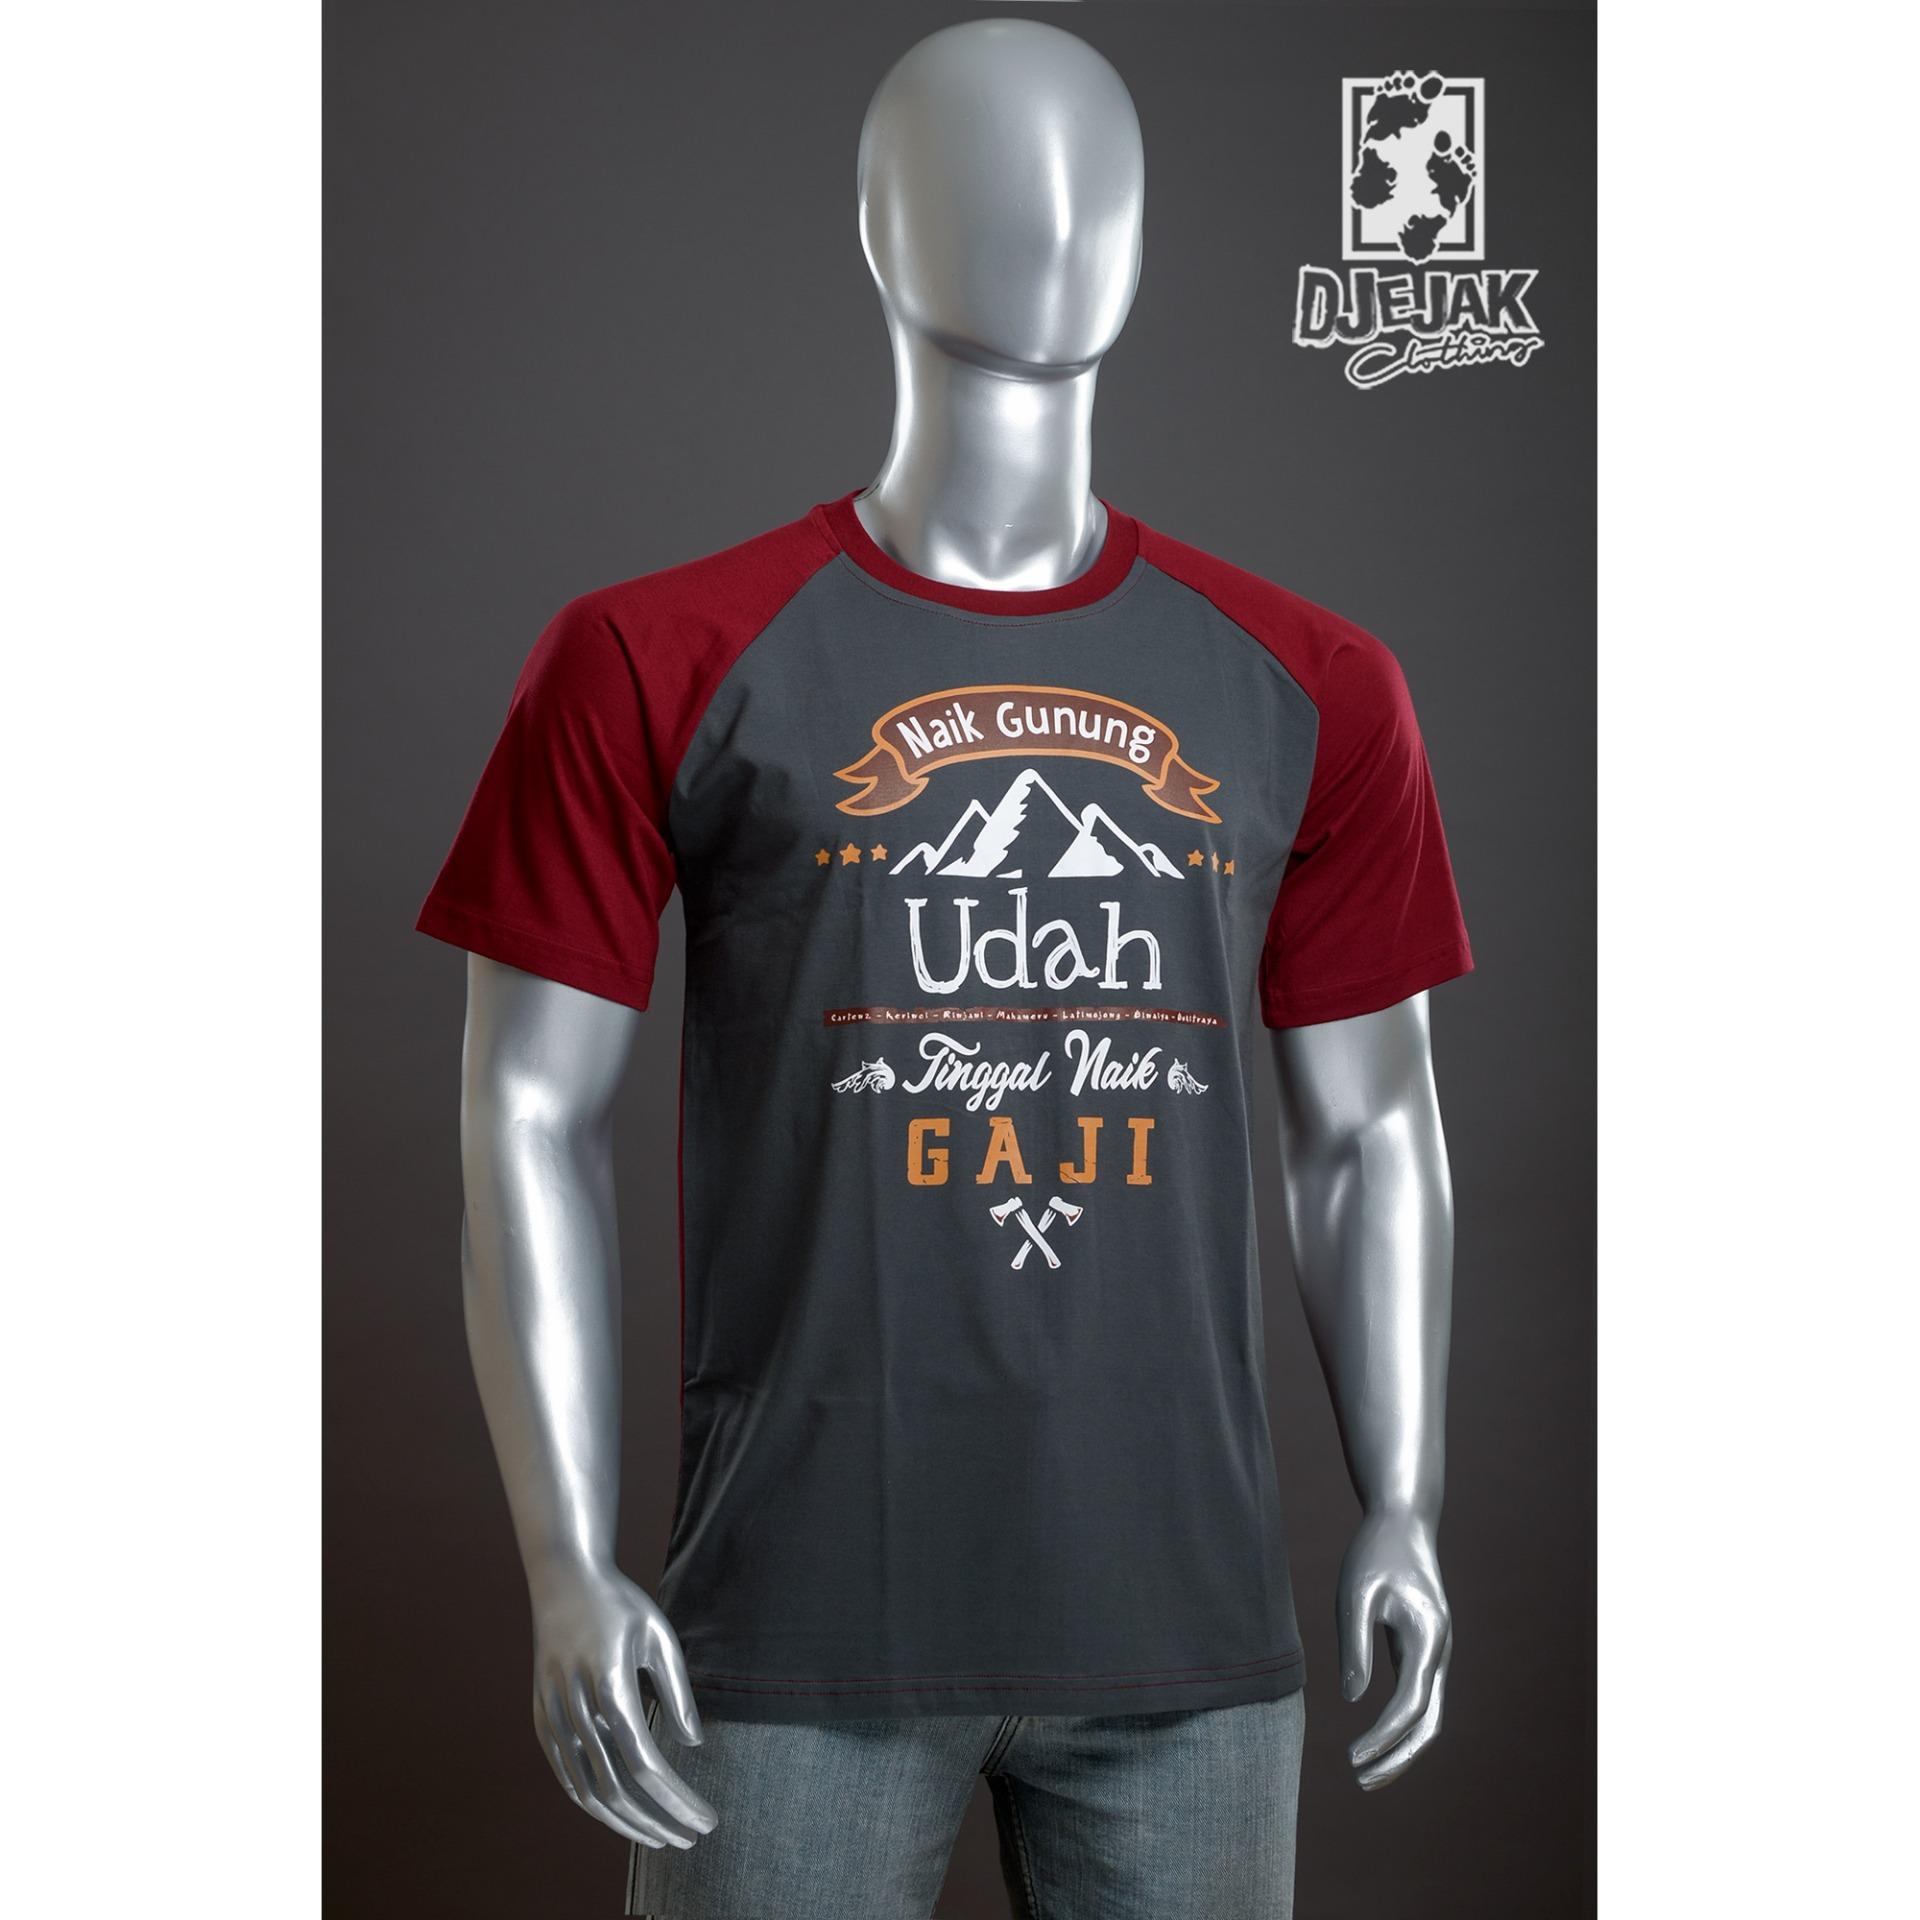 Harga Djejak Clothing Tshirt Kaos Adventure Unisex Lengan Pendek Naik Gaji Seken